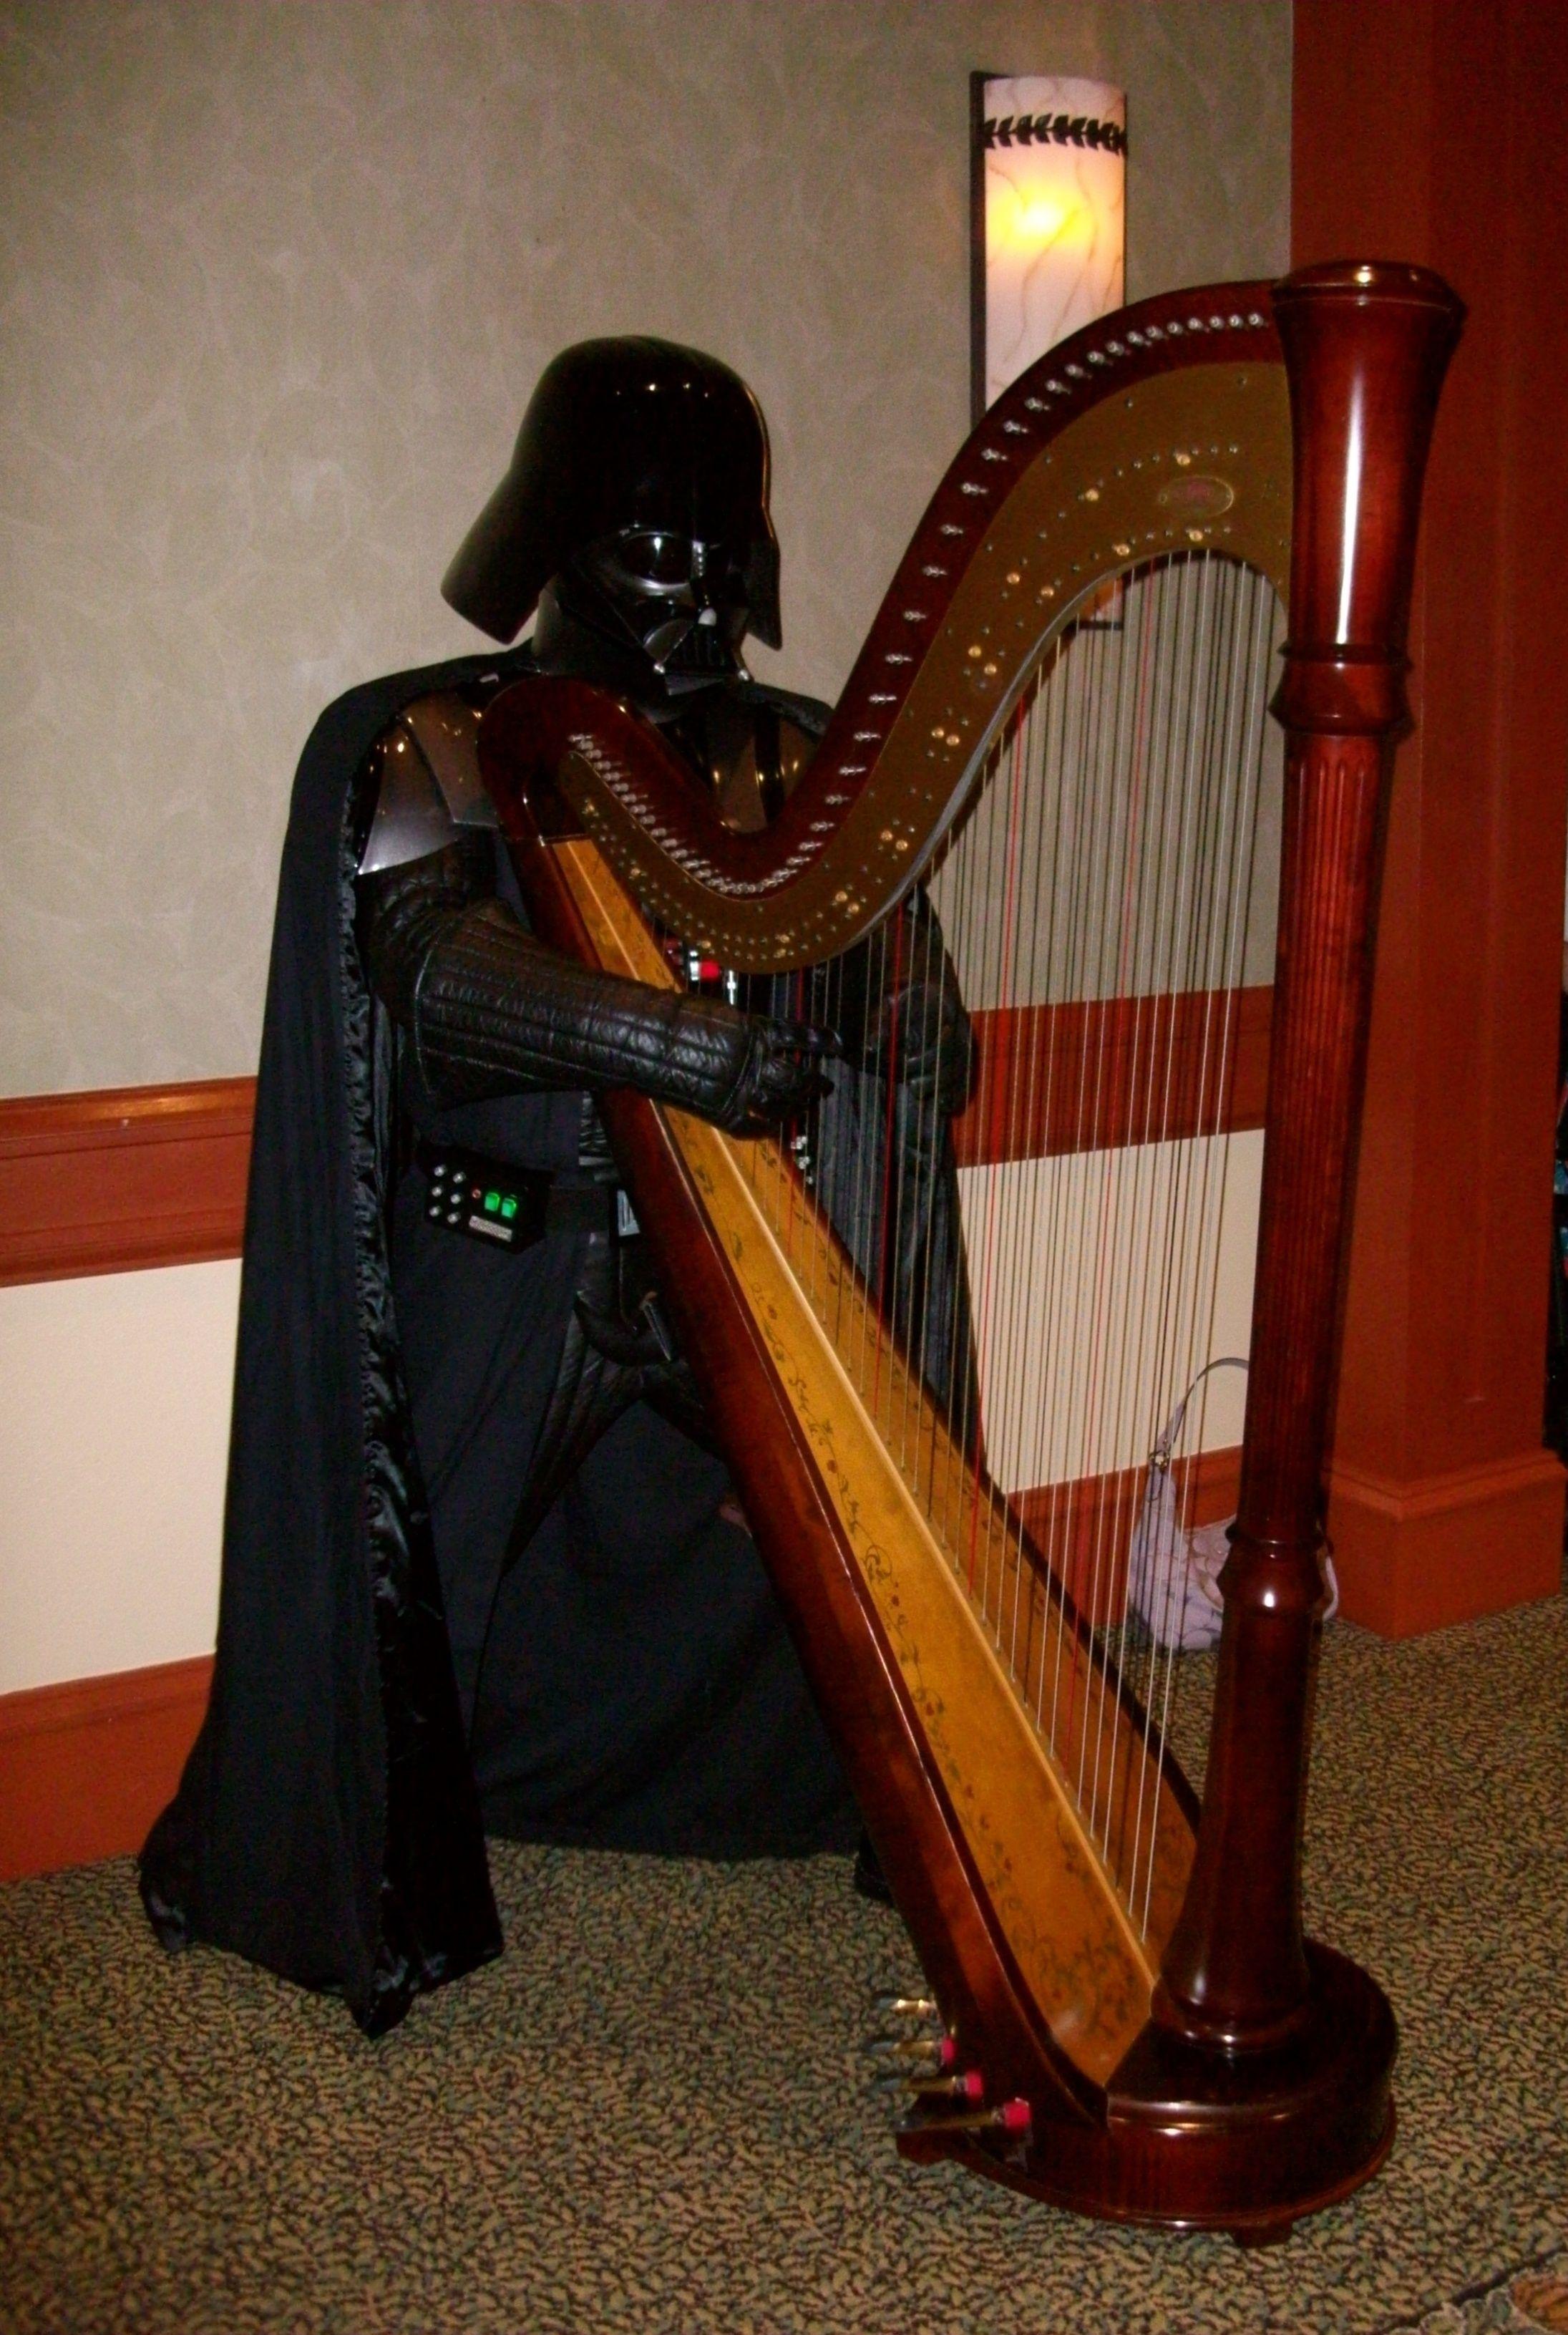 star wars music! click on this darth vader pin to hear cantina band